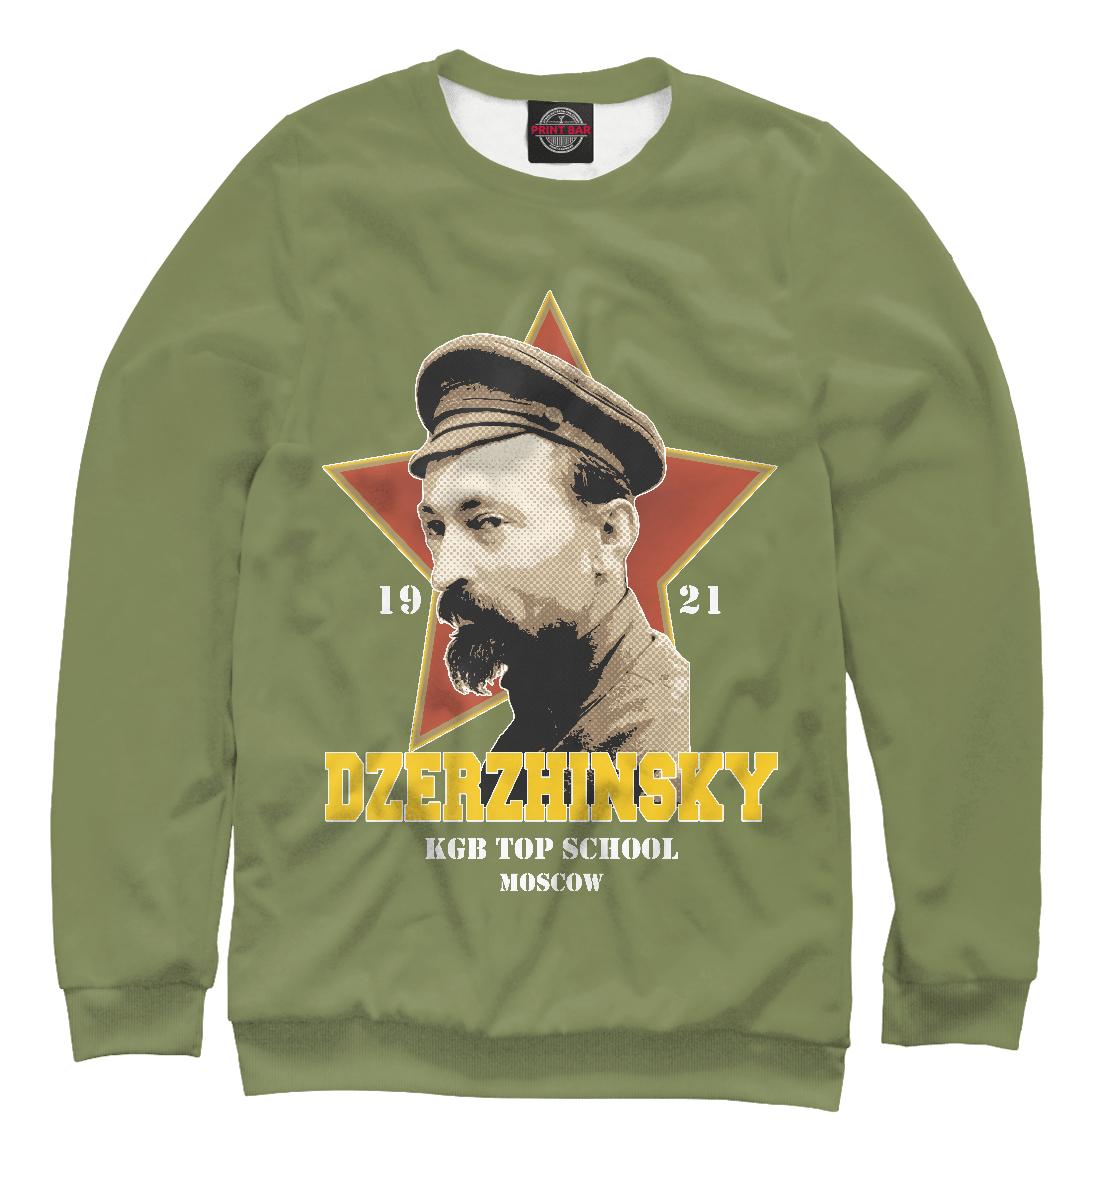 Купить Высшая школа КГБ им. Дзержинского, Printbar, Свитшоты, KGB-943836-swi-2